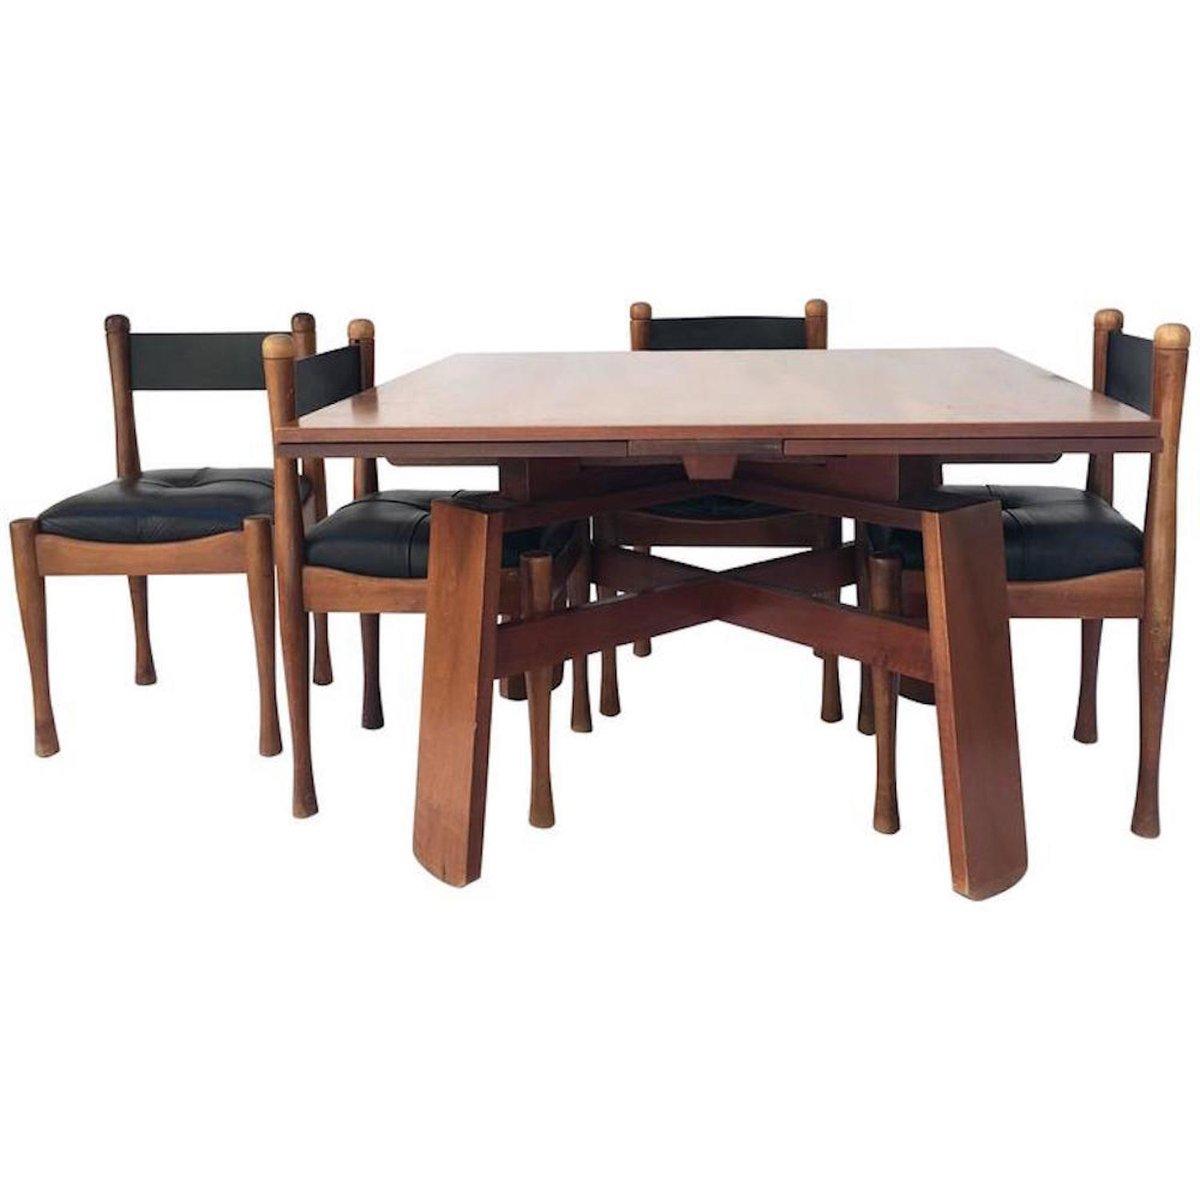 esstisch mit vier st hlen von silvio coppola f r bernini. Black Bedroom Furniture Sets. Home Design Ideas